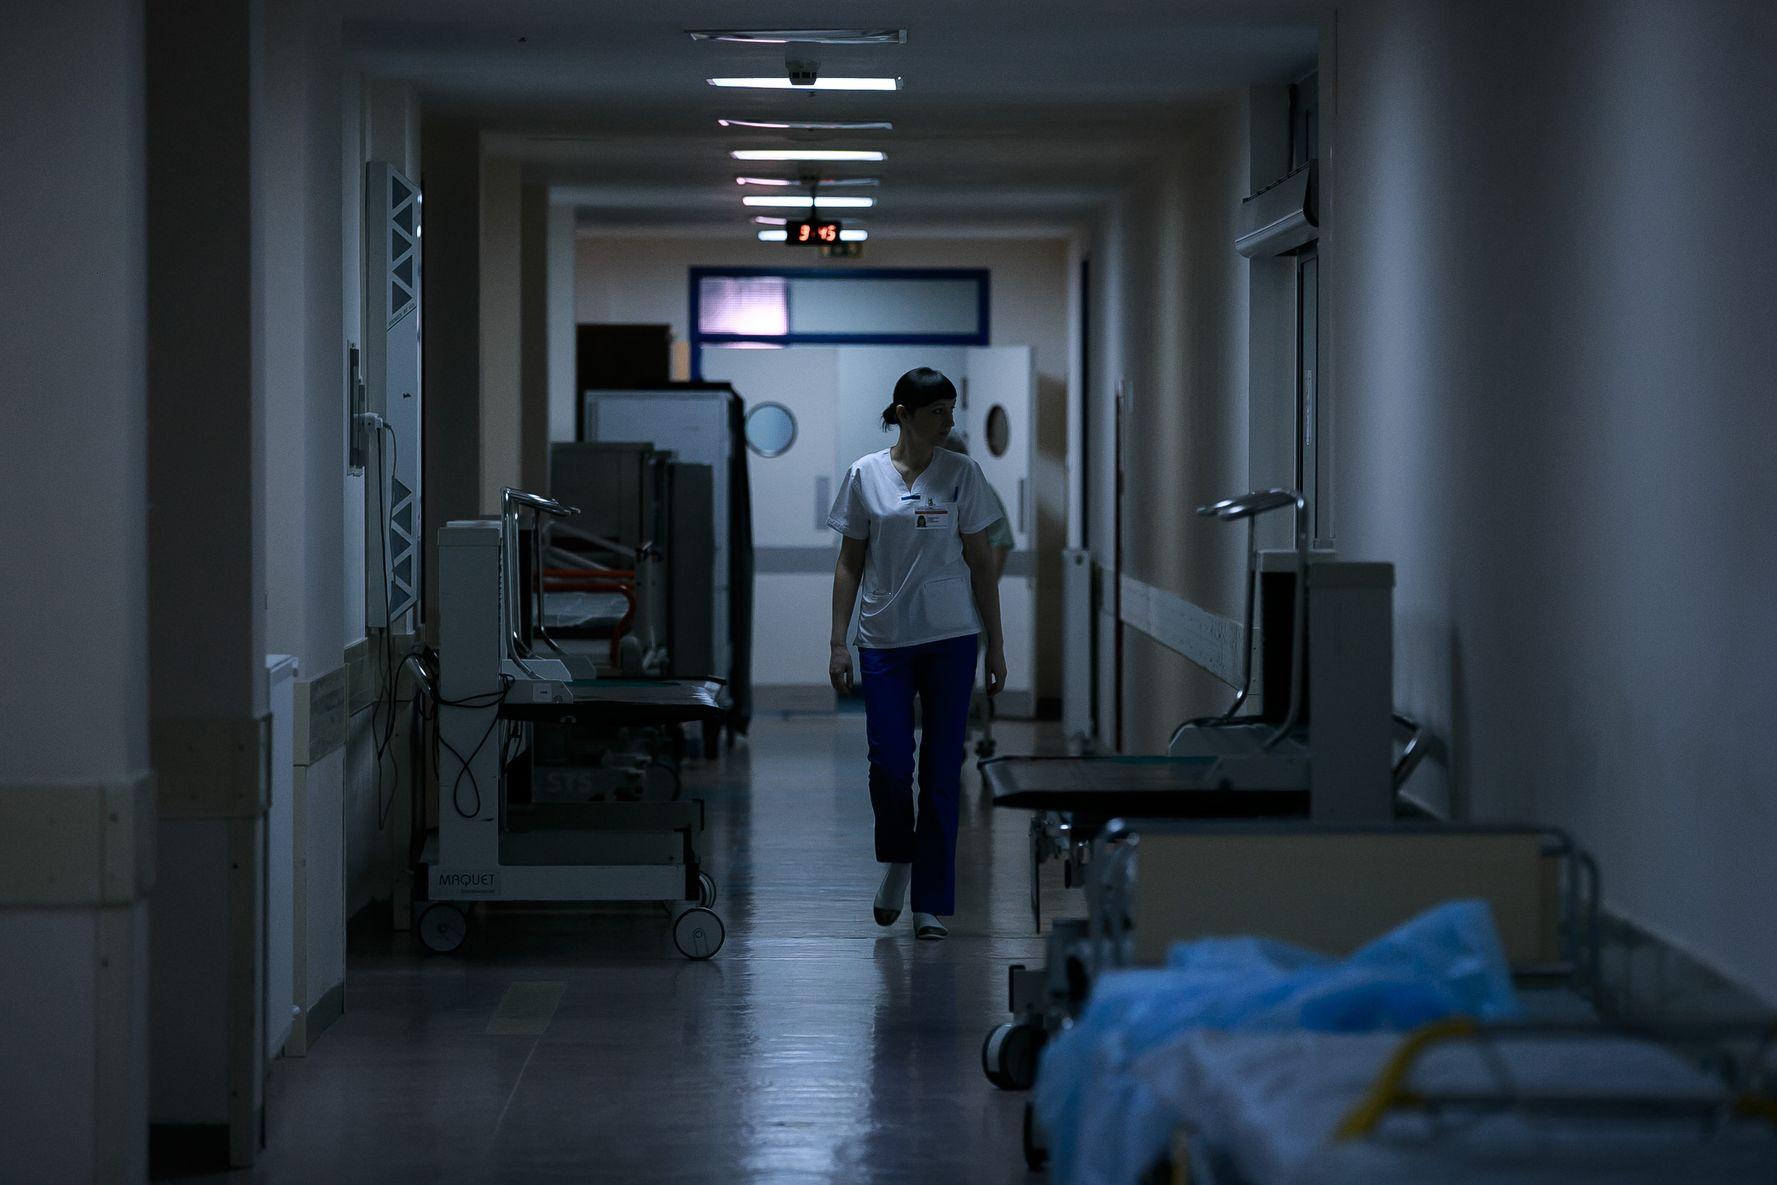 Родственники в реанимации — это неудобно. что думают о новых правилах посещения врачи-реаниматологи